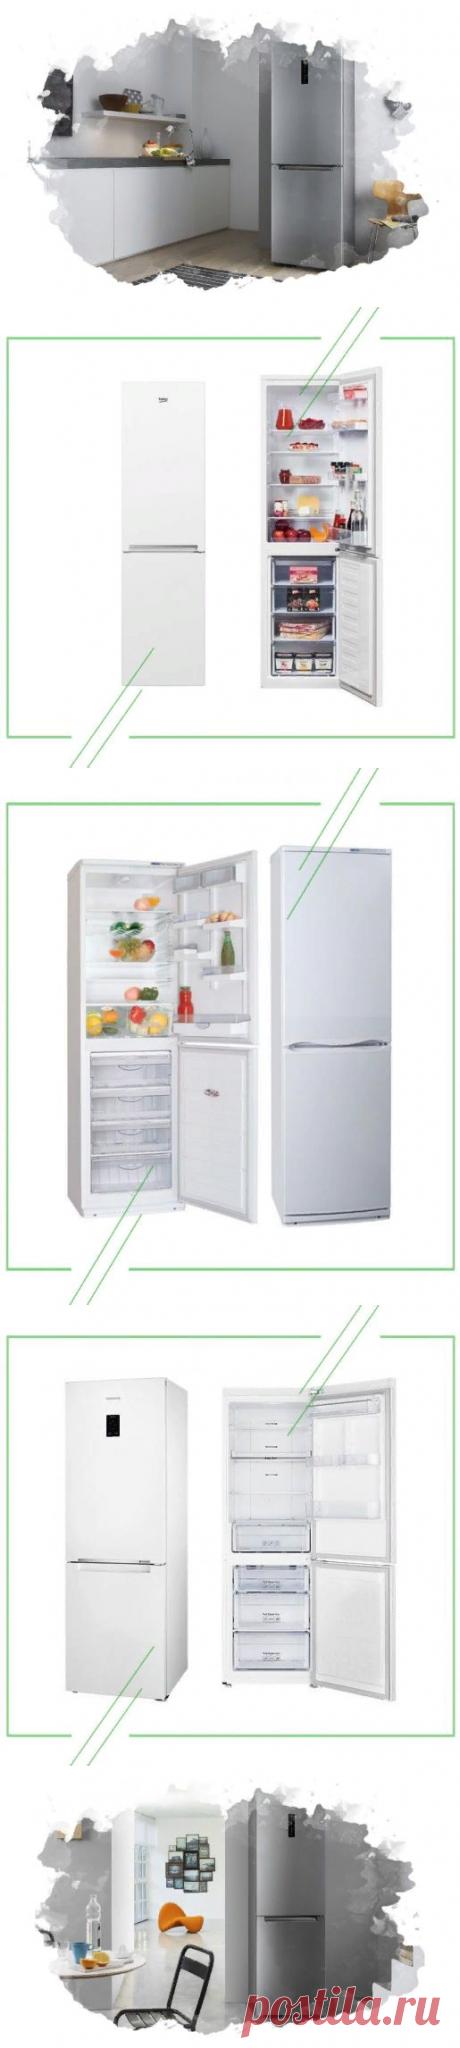 ТОП-7 лучших холодильников для дома